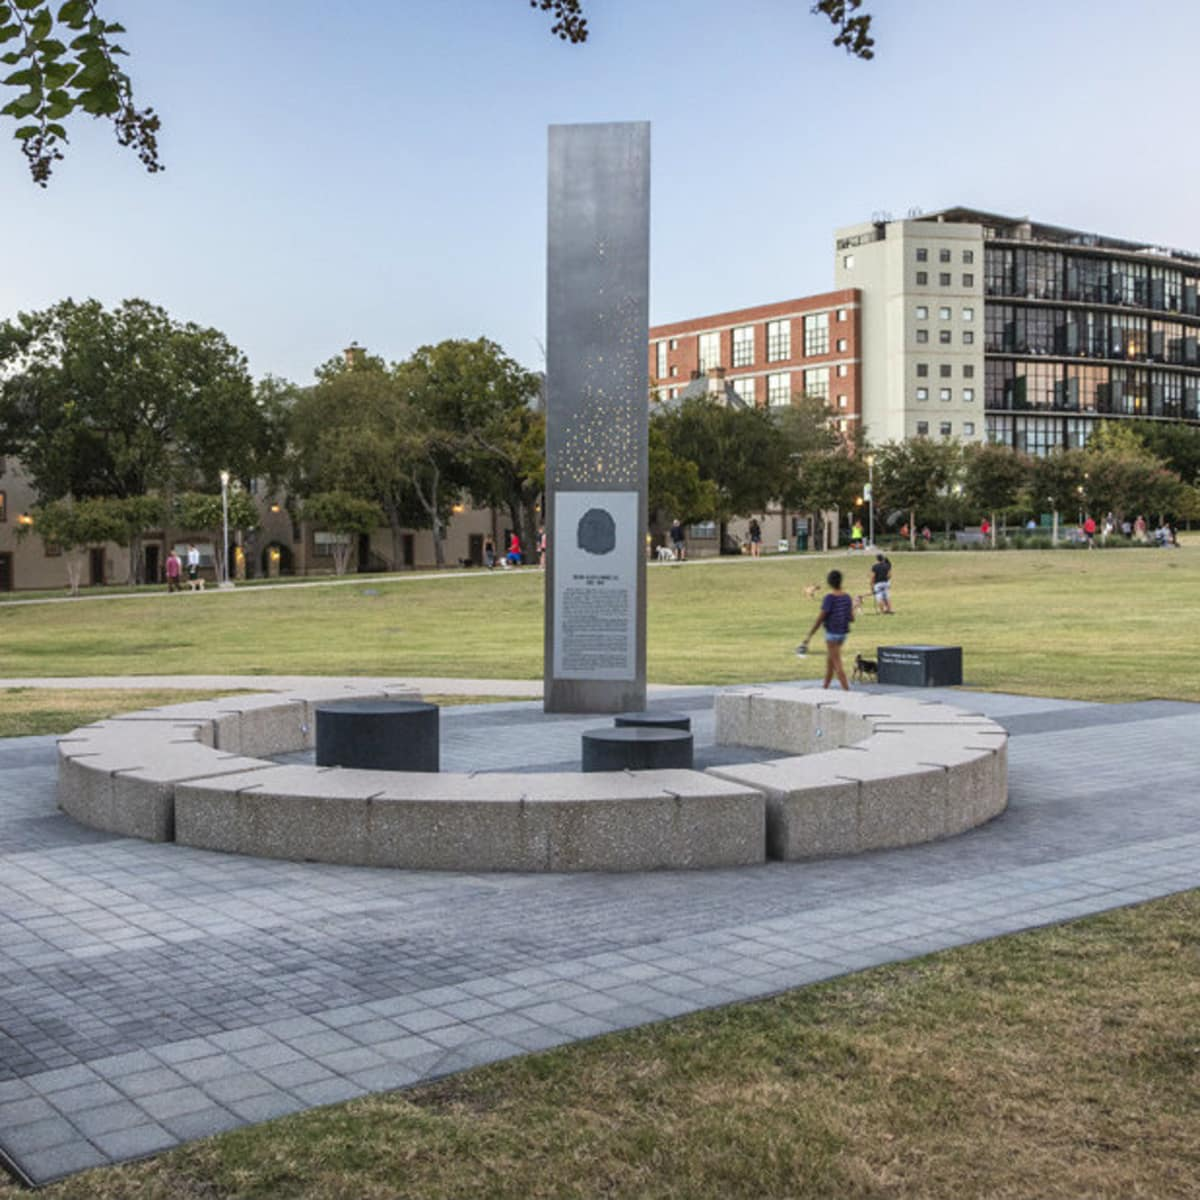 Memorial Plaza obelisk in Dallas